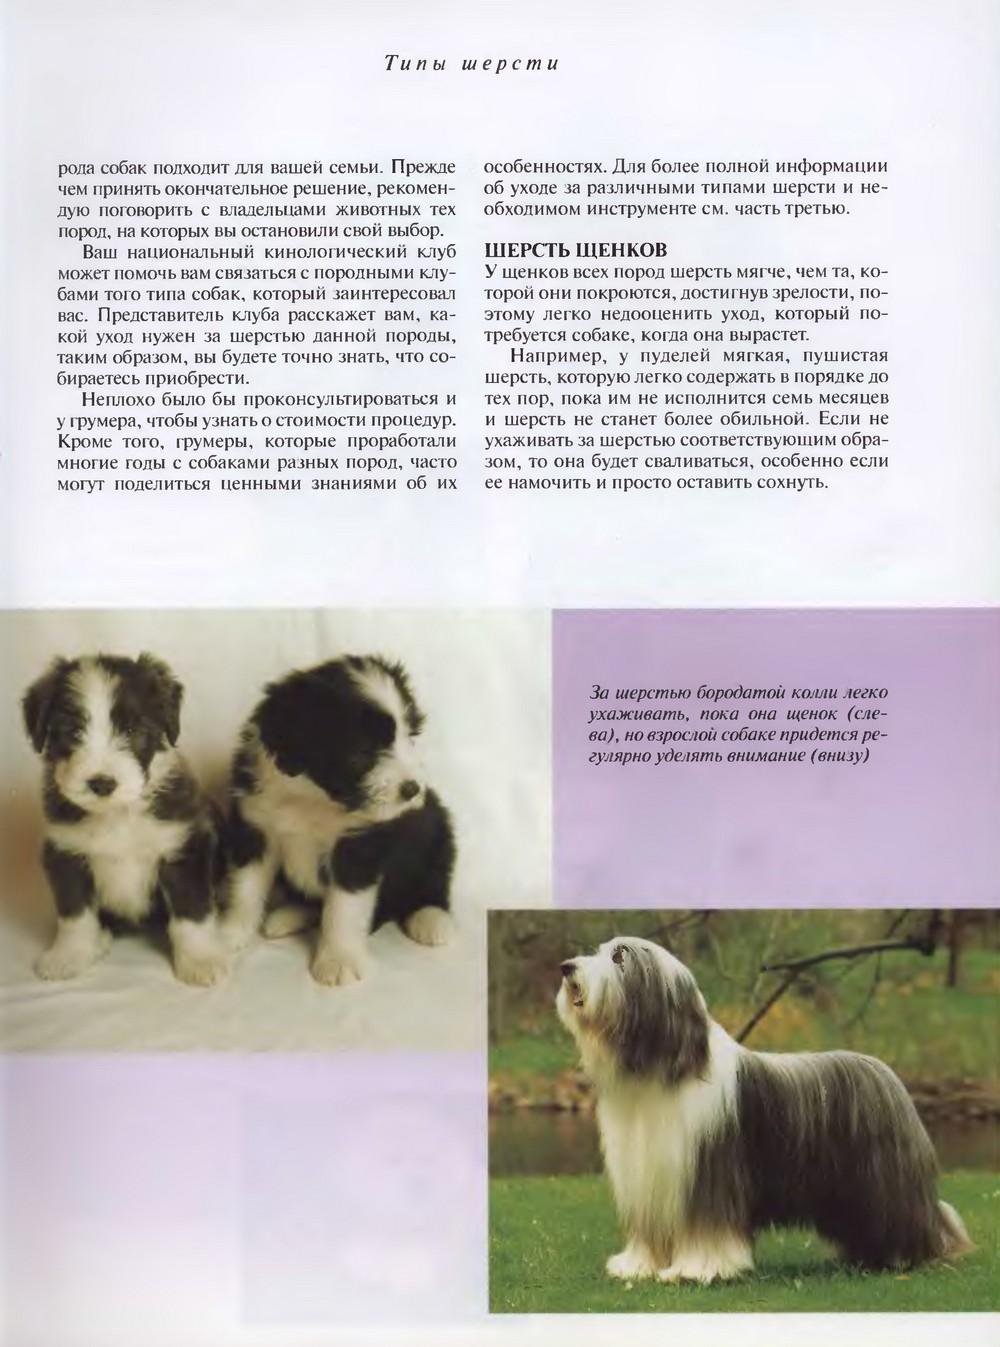 http://i1.imageban.ru/out/2013/11/29/26aa40c0d5acd9cd833fc57c17190865.jpg